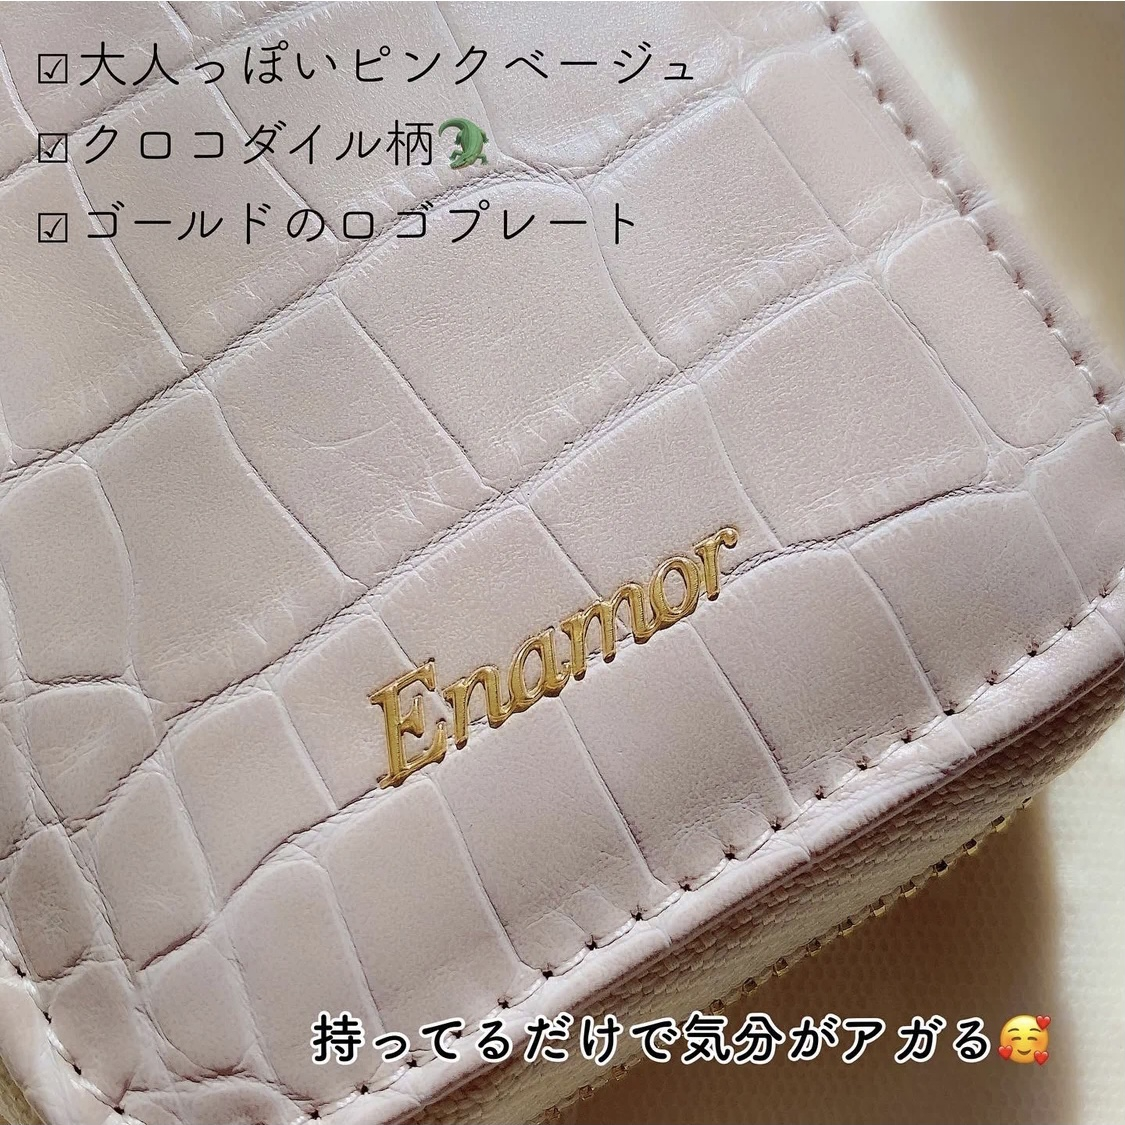 Enamor(エナモル)メイクブラシ7本&ブラシケースセットを使った只野ひとみさんのクチコミ画像4